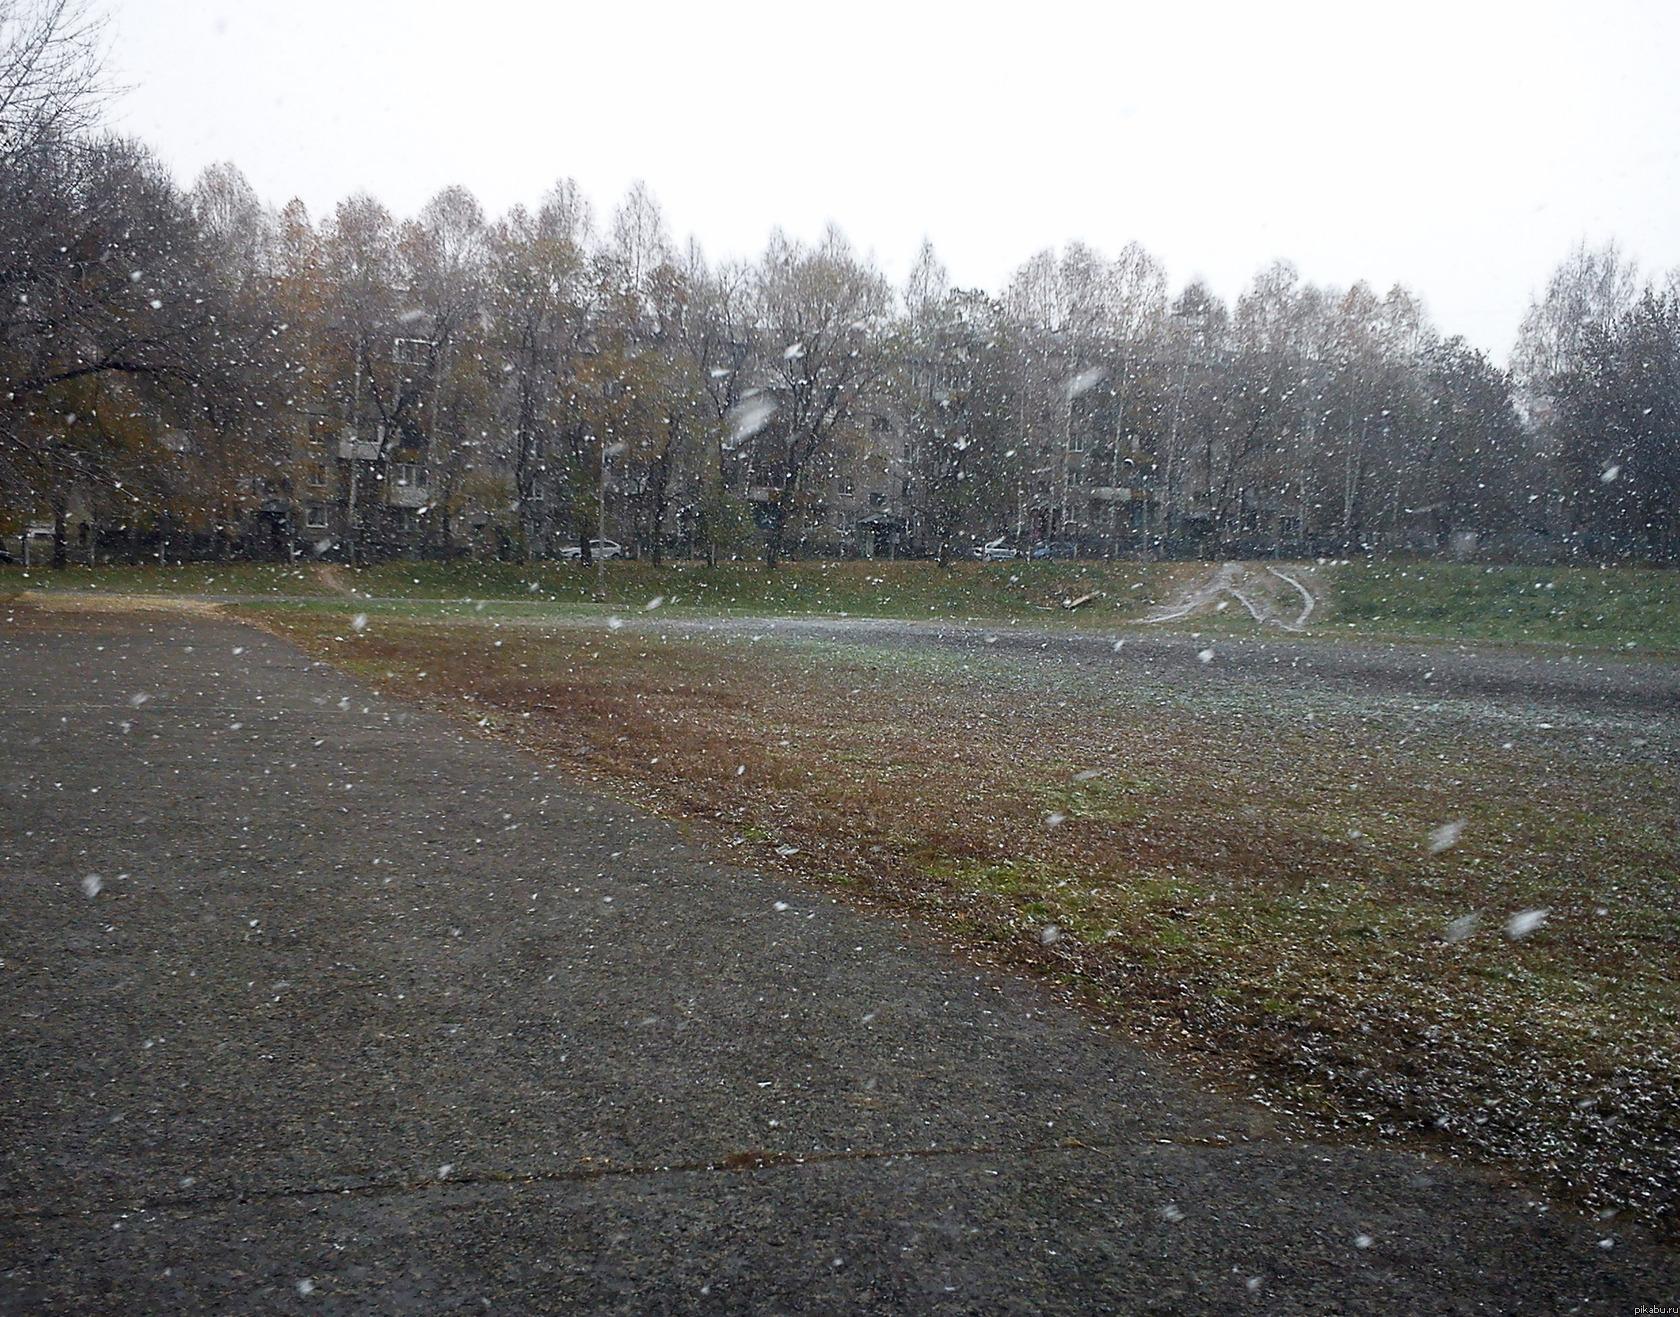 Первый снег в Кемерово Я знаю, что у многих снег уже выпал, но не смогла не поделиться такой красотой *О*